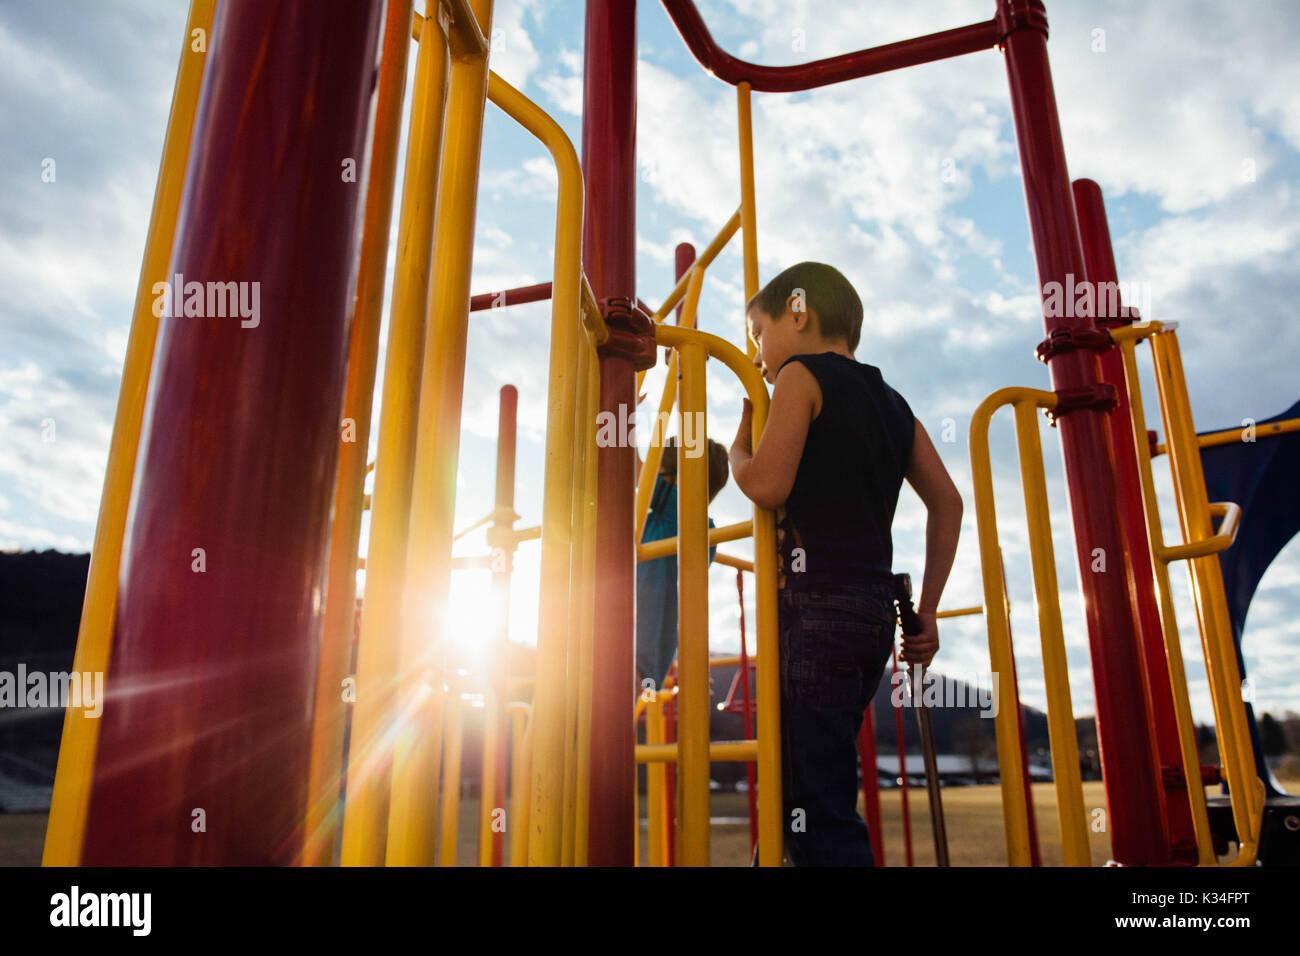 Ein Junge spielt auf Spielgeräte bei Sonnenuntergang. Stockbild